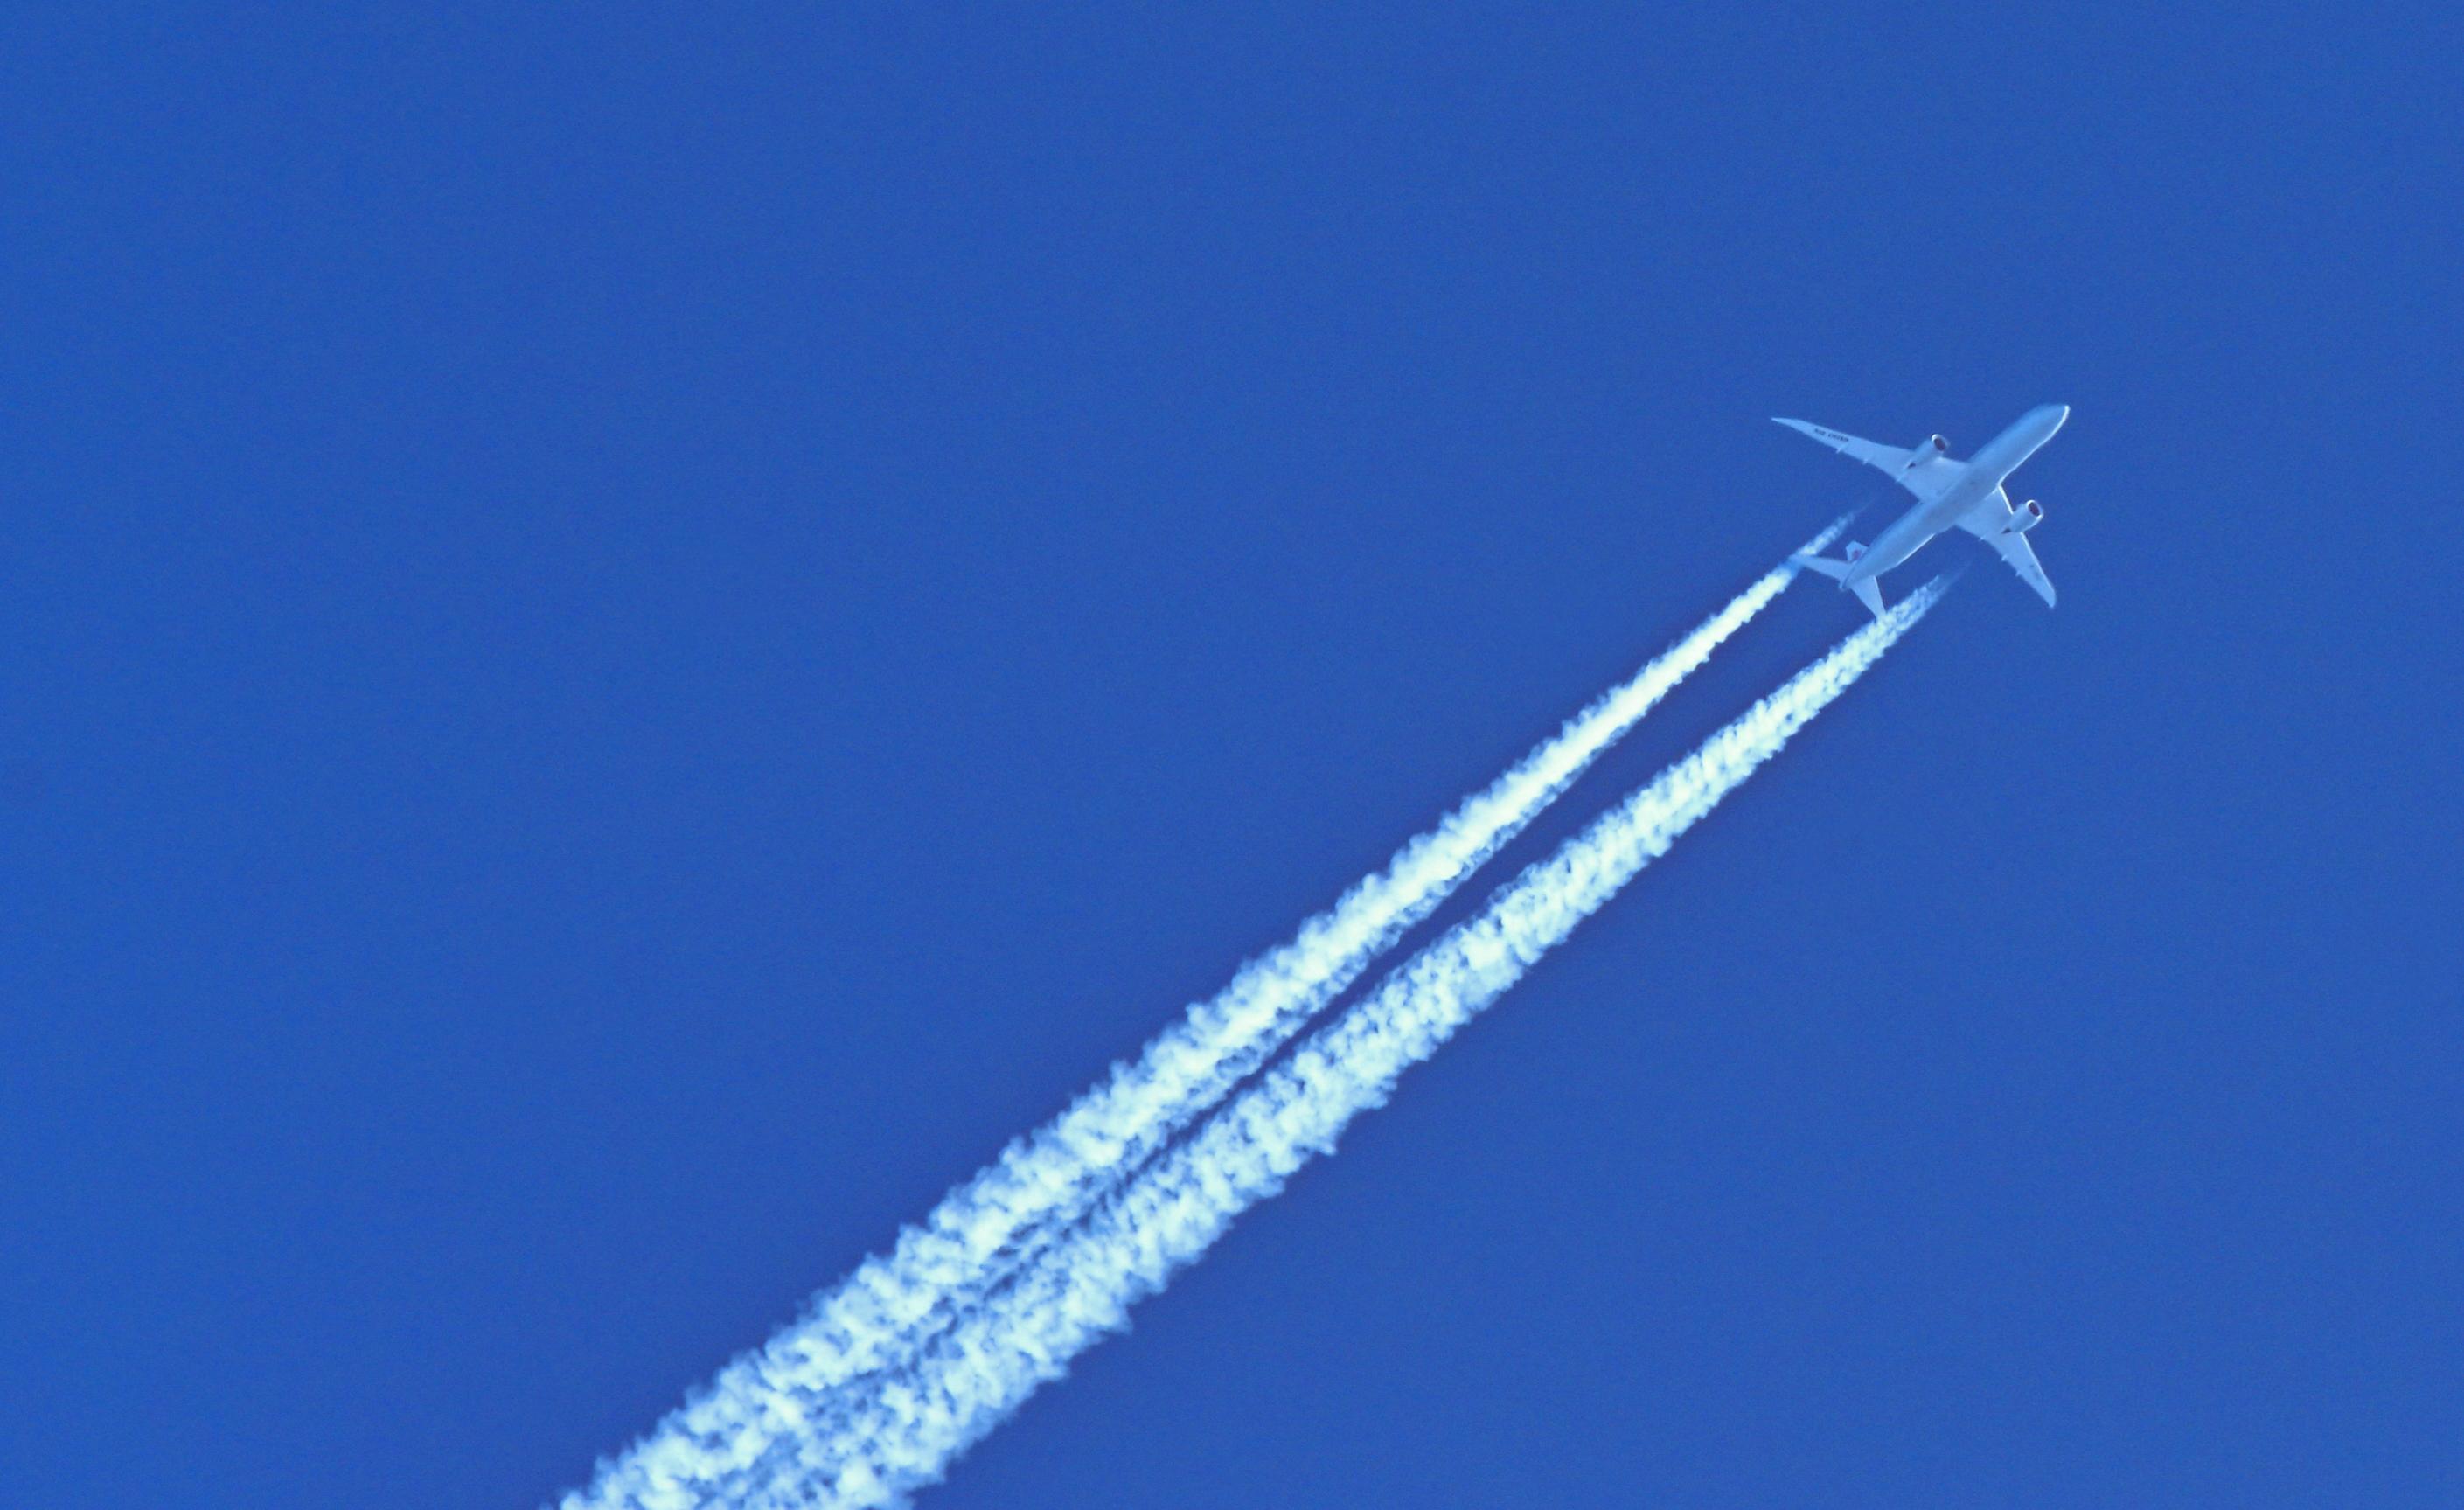 Svédországban extra adót vetnek ki a szennyezőbb repülőket használó légitársaságokra